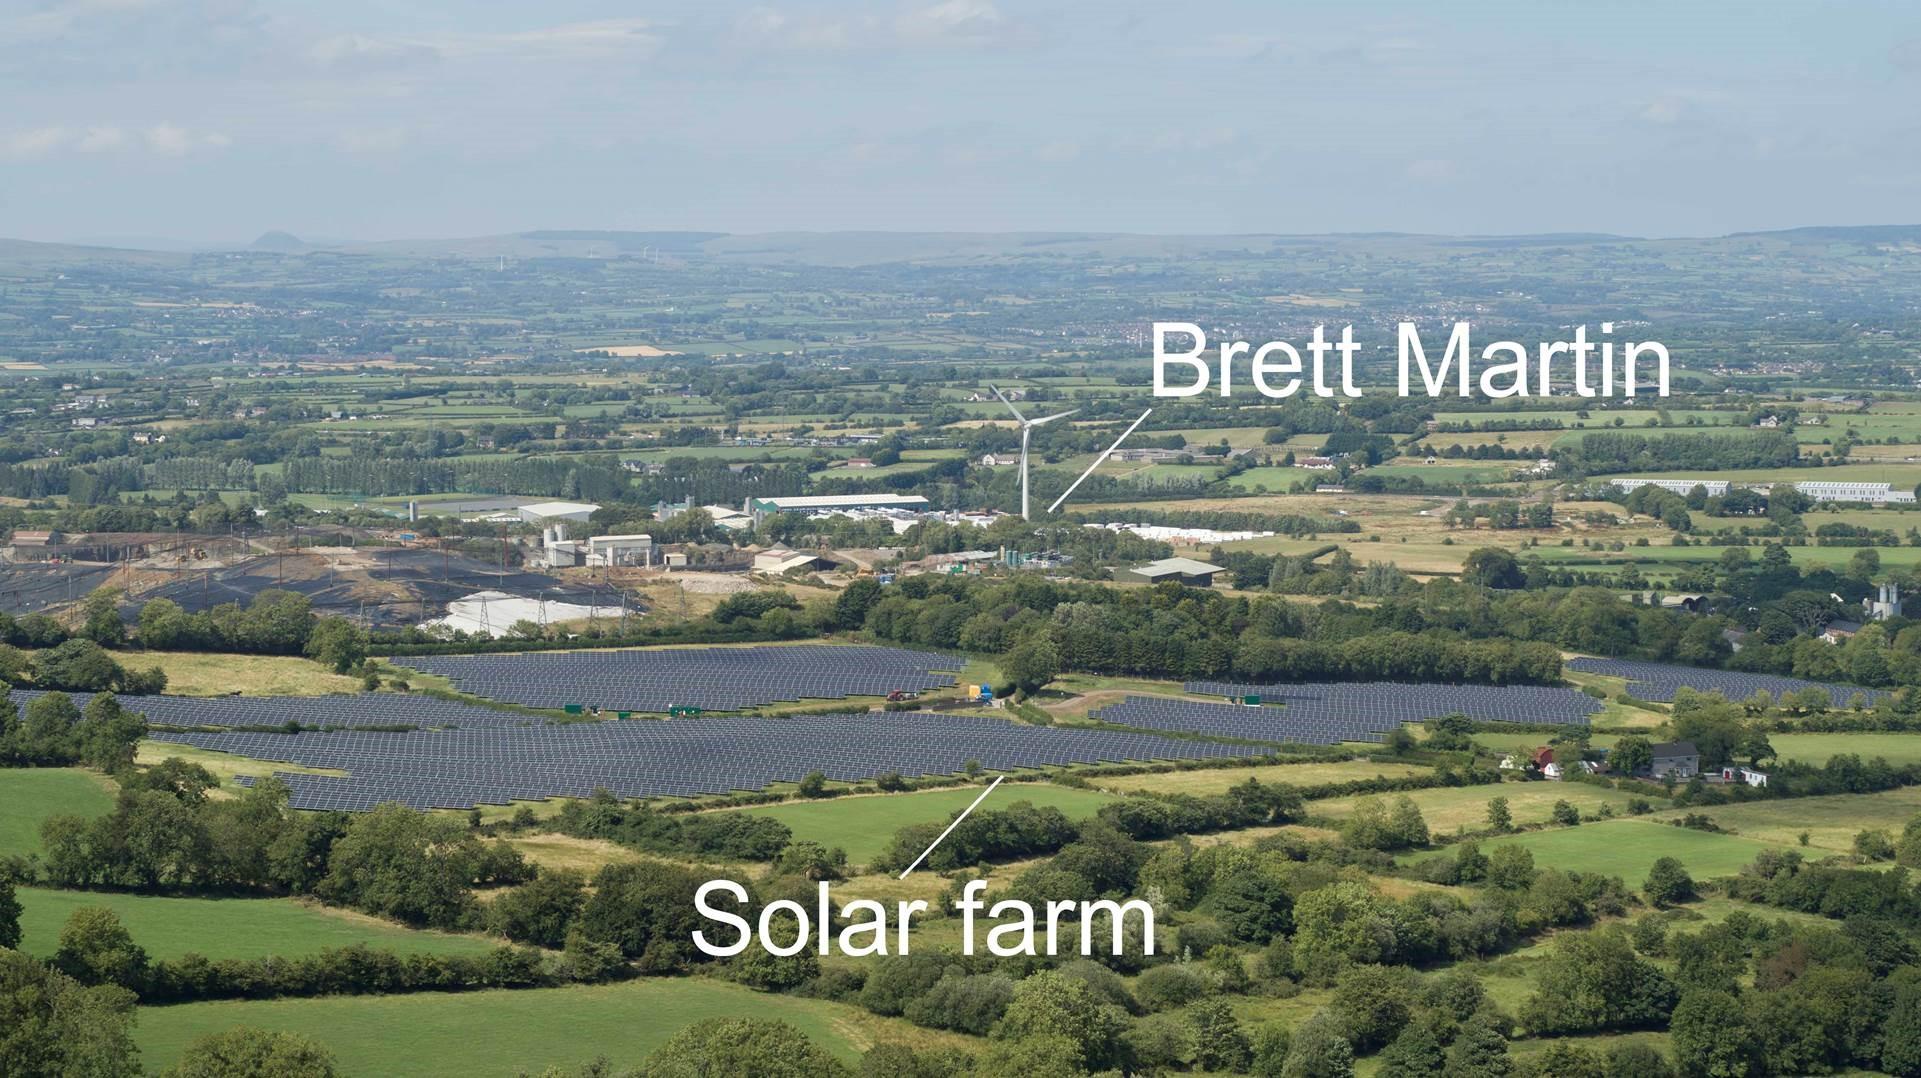 Brett_Martin_Solar_Farm_Aerial.jpg